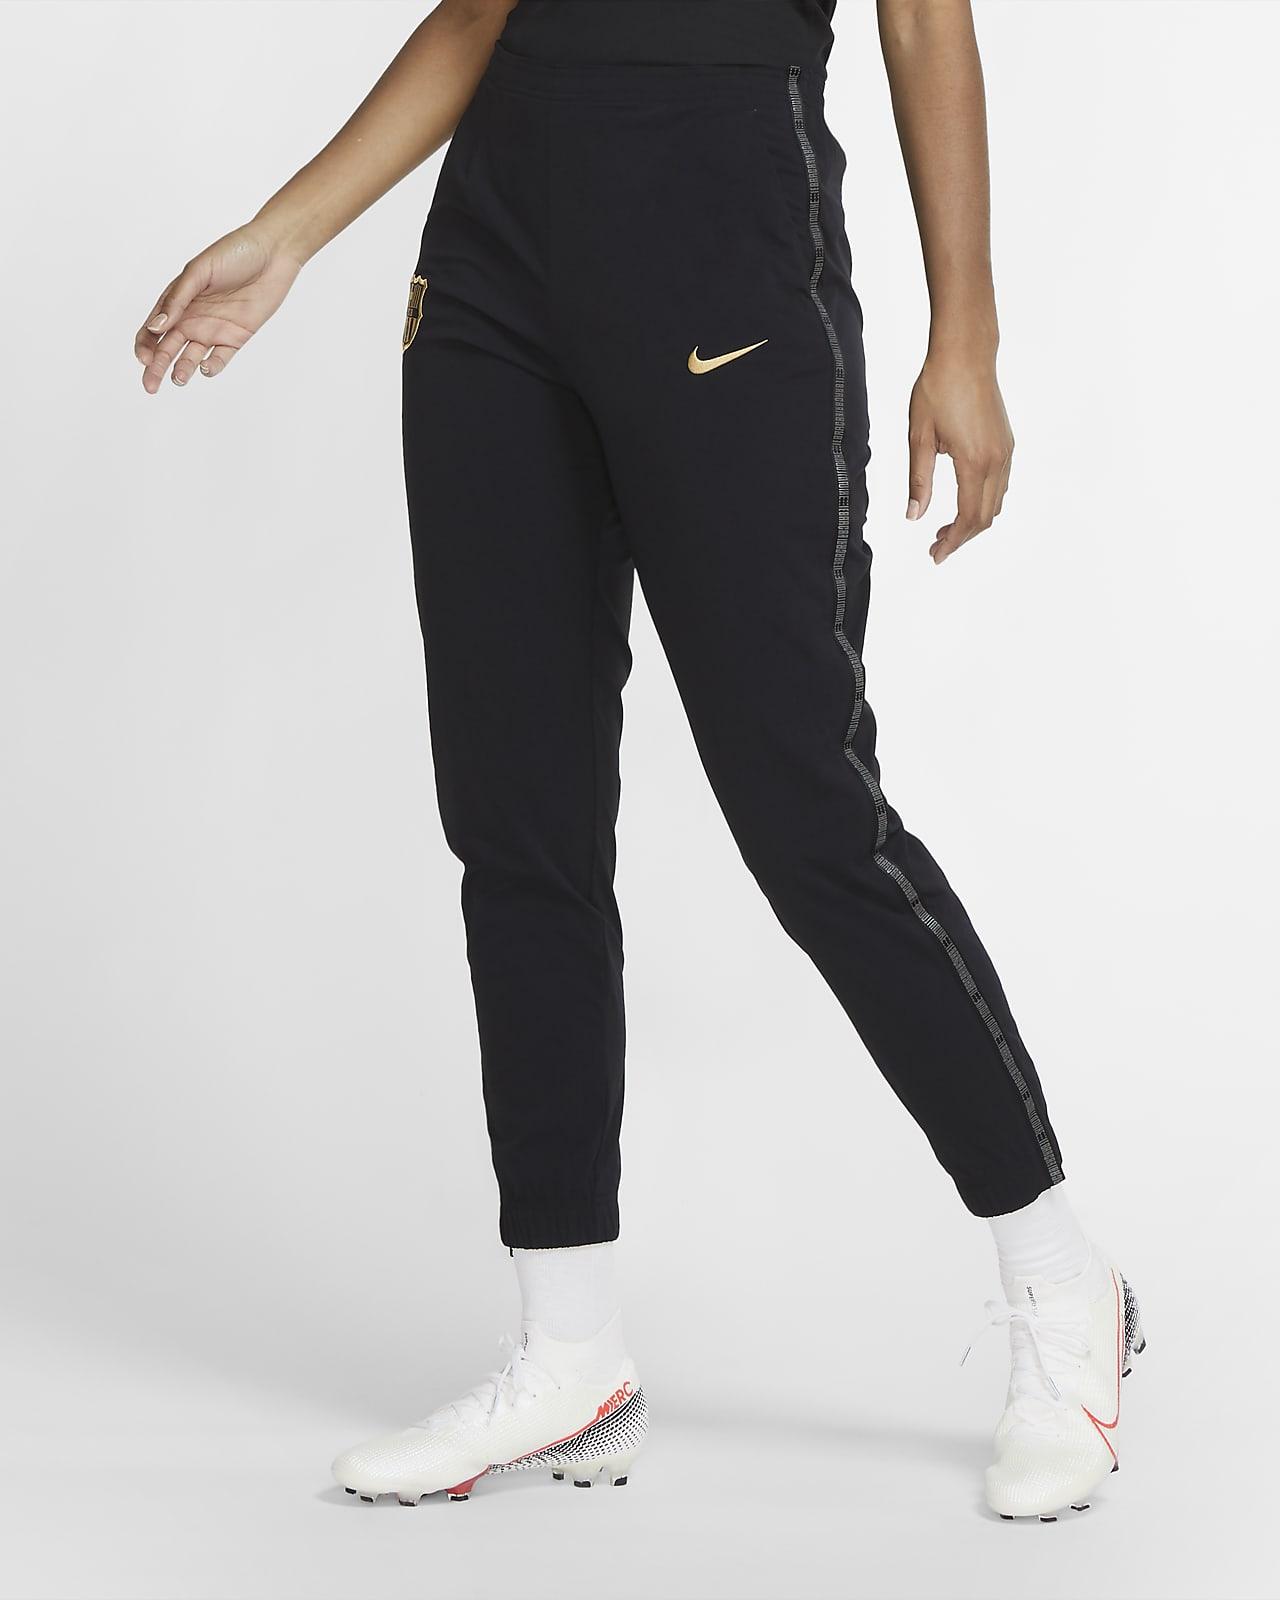 Pantalones de fútbol de tejido Woven para mujer FC Barcelona